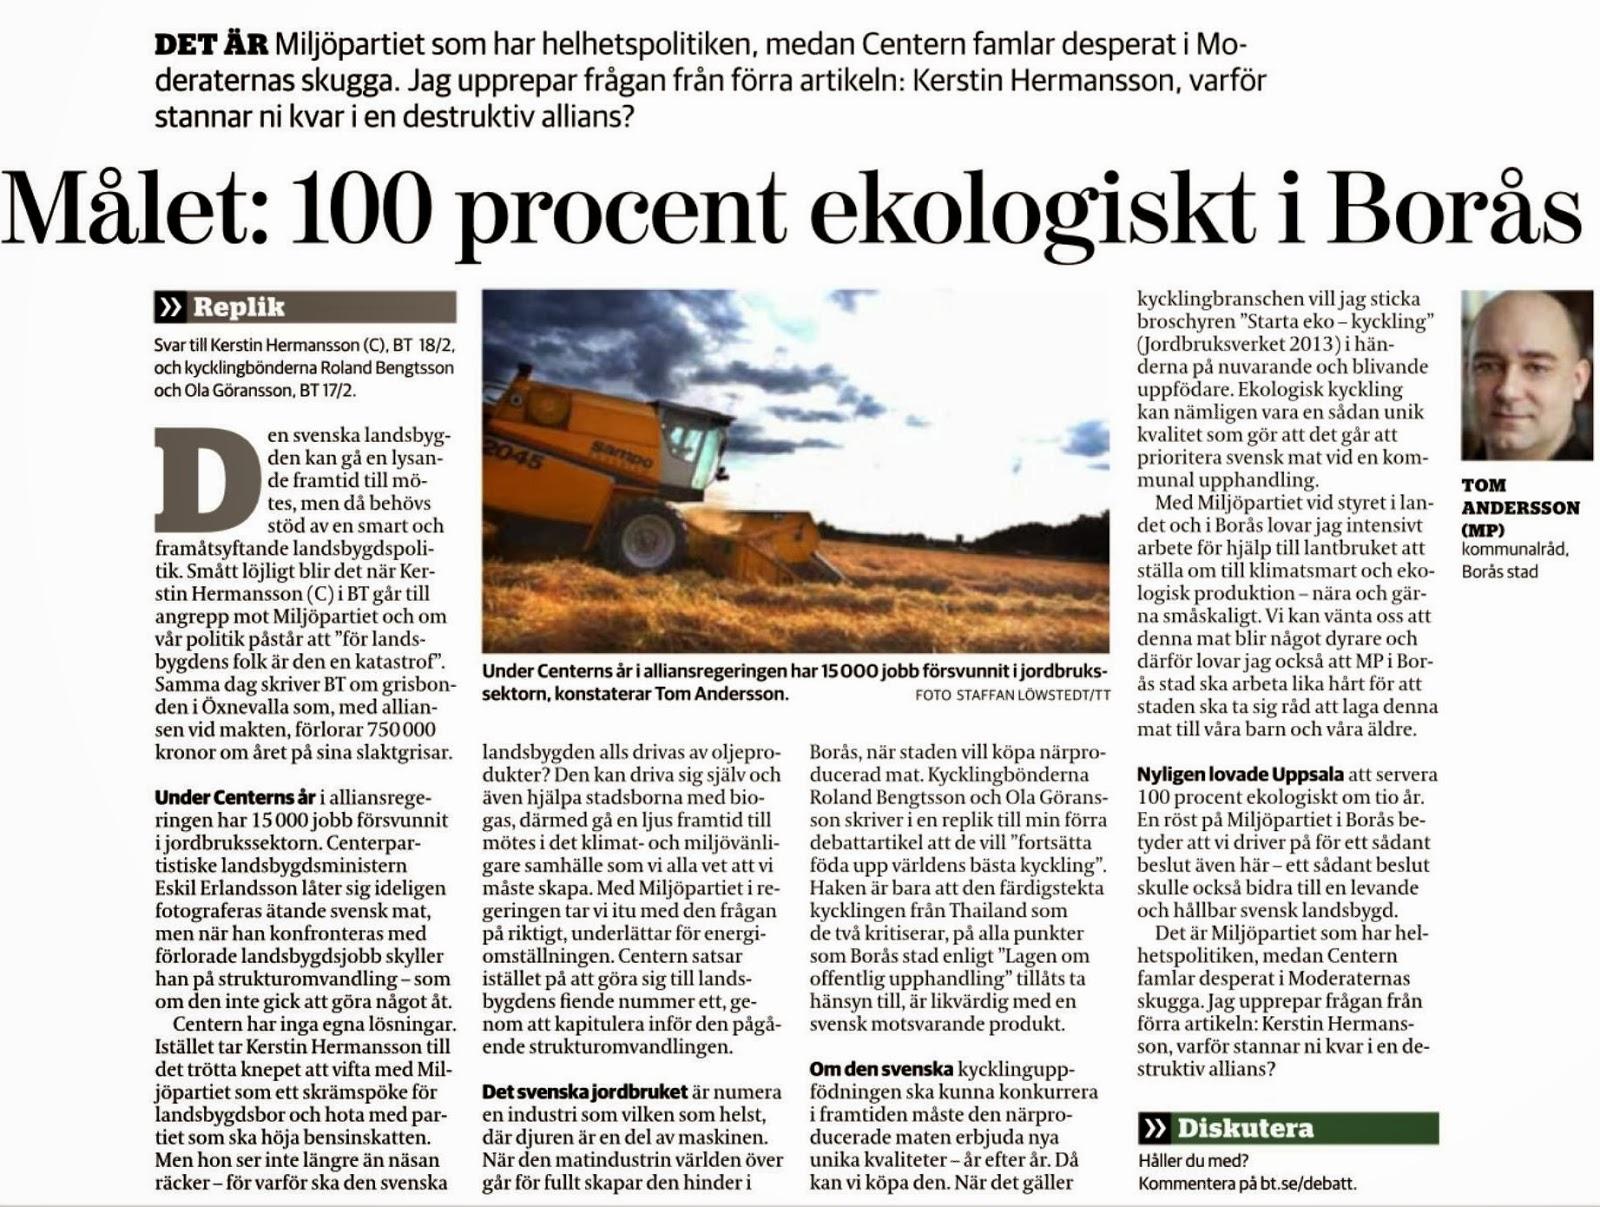 Tom Andersson (mp) svarar: målet är 100 procent ekologiskt